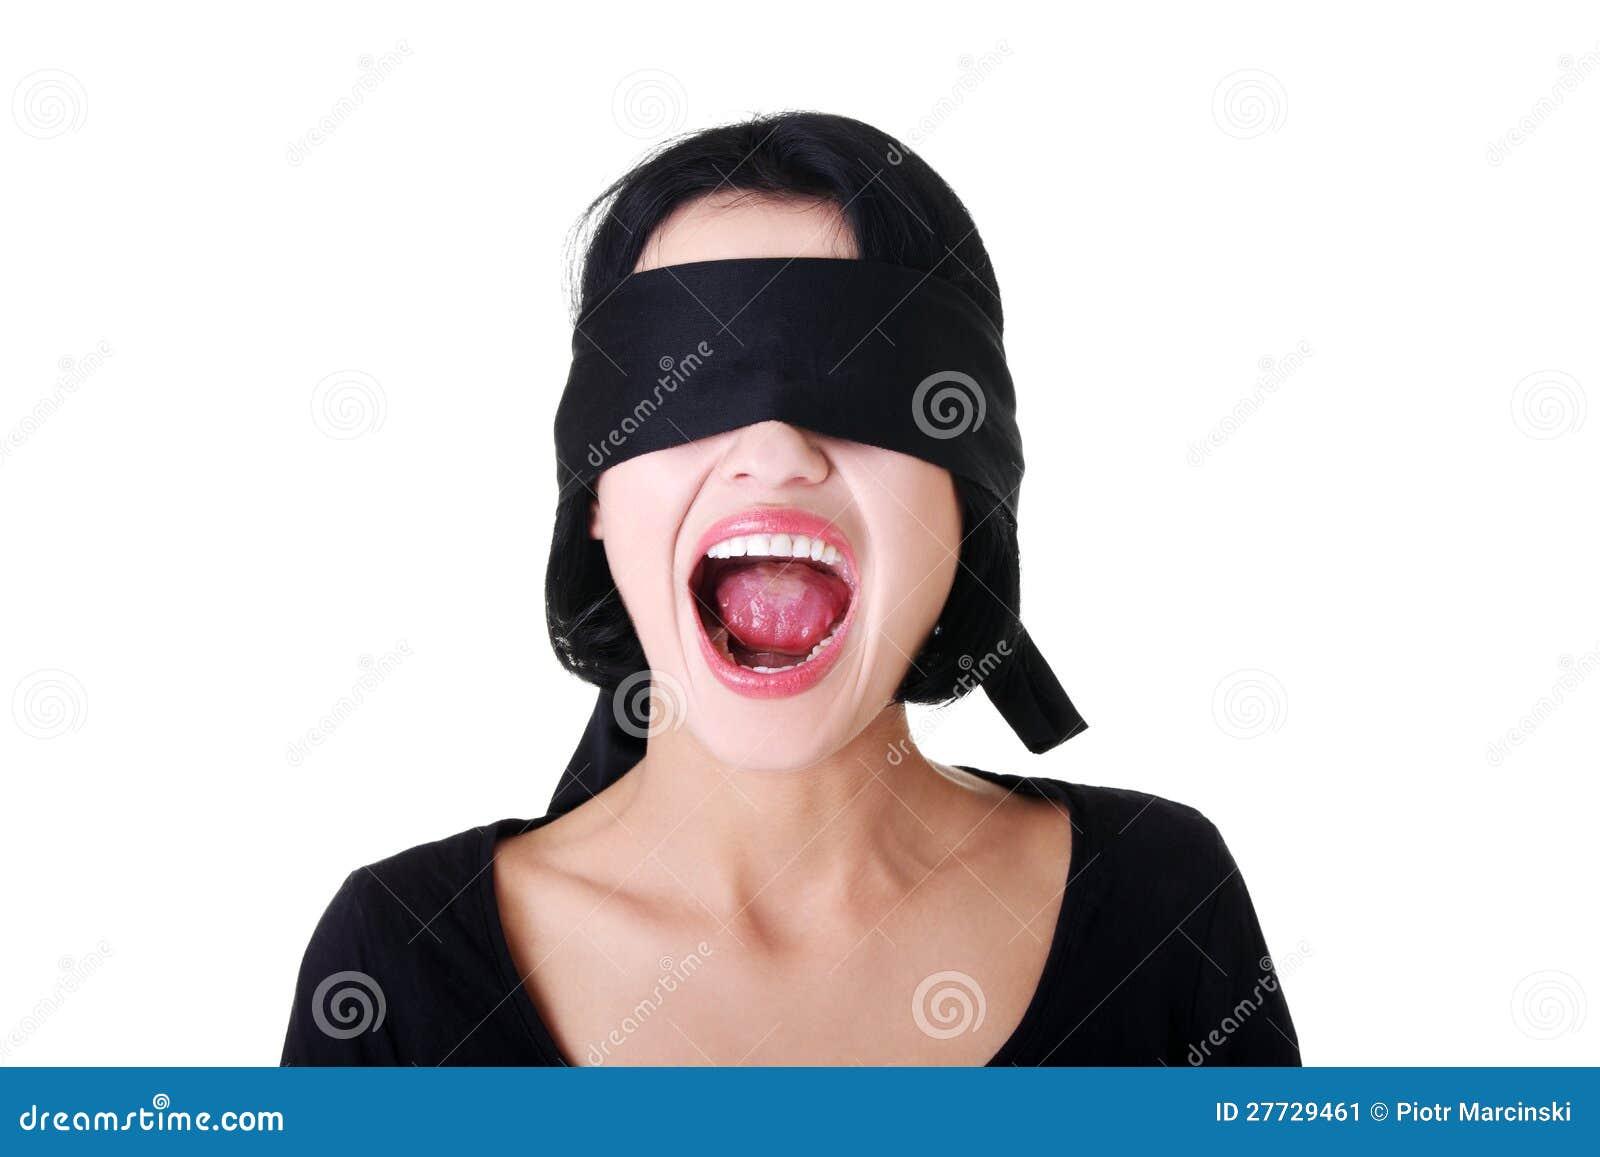 Erschrecken Sie die junge mit verbundenen Augen schreiende Frau